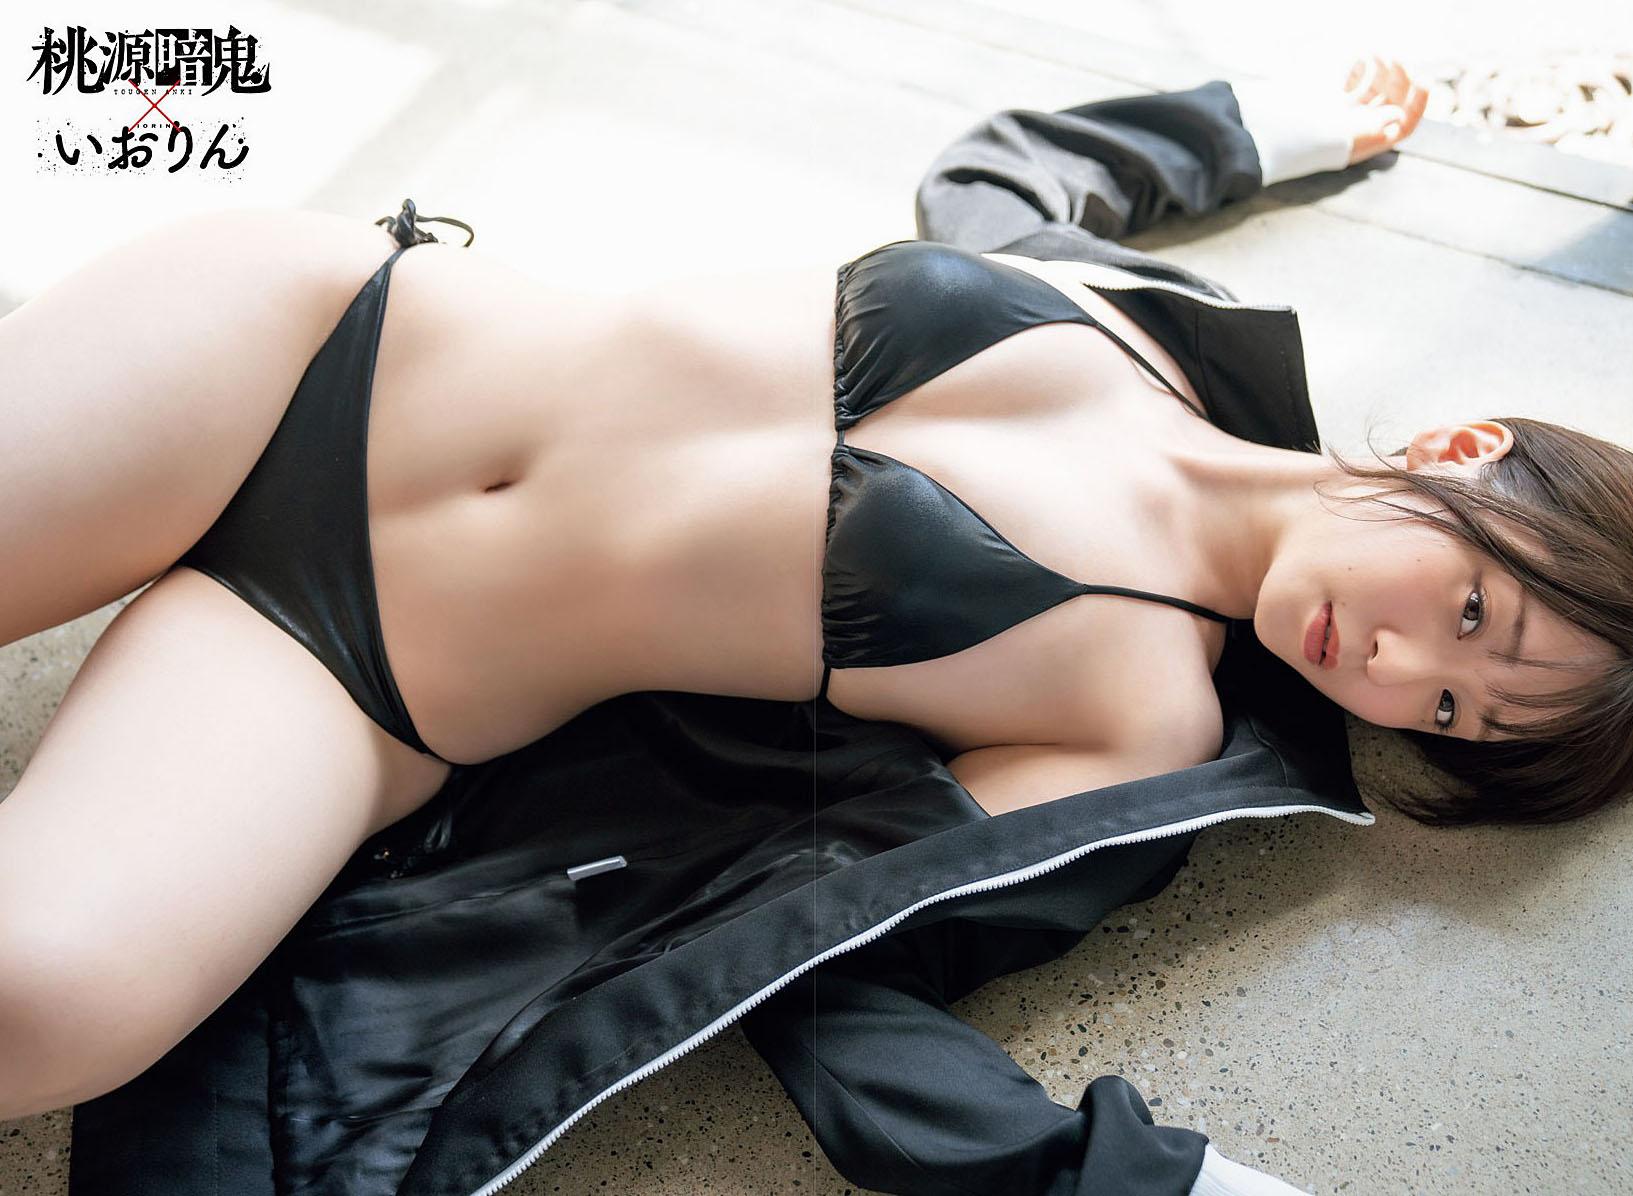 Иорин с достоинством Iorin Moe Shonen Champion 210603 10.jpg